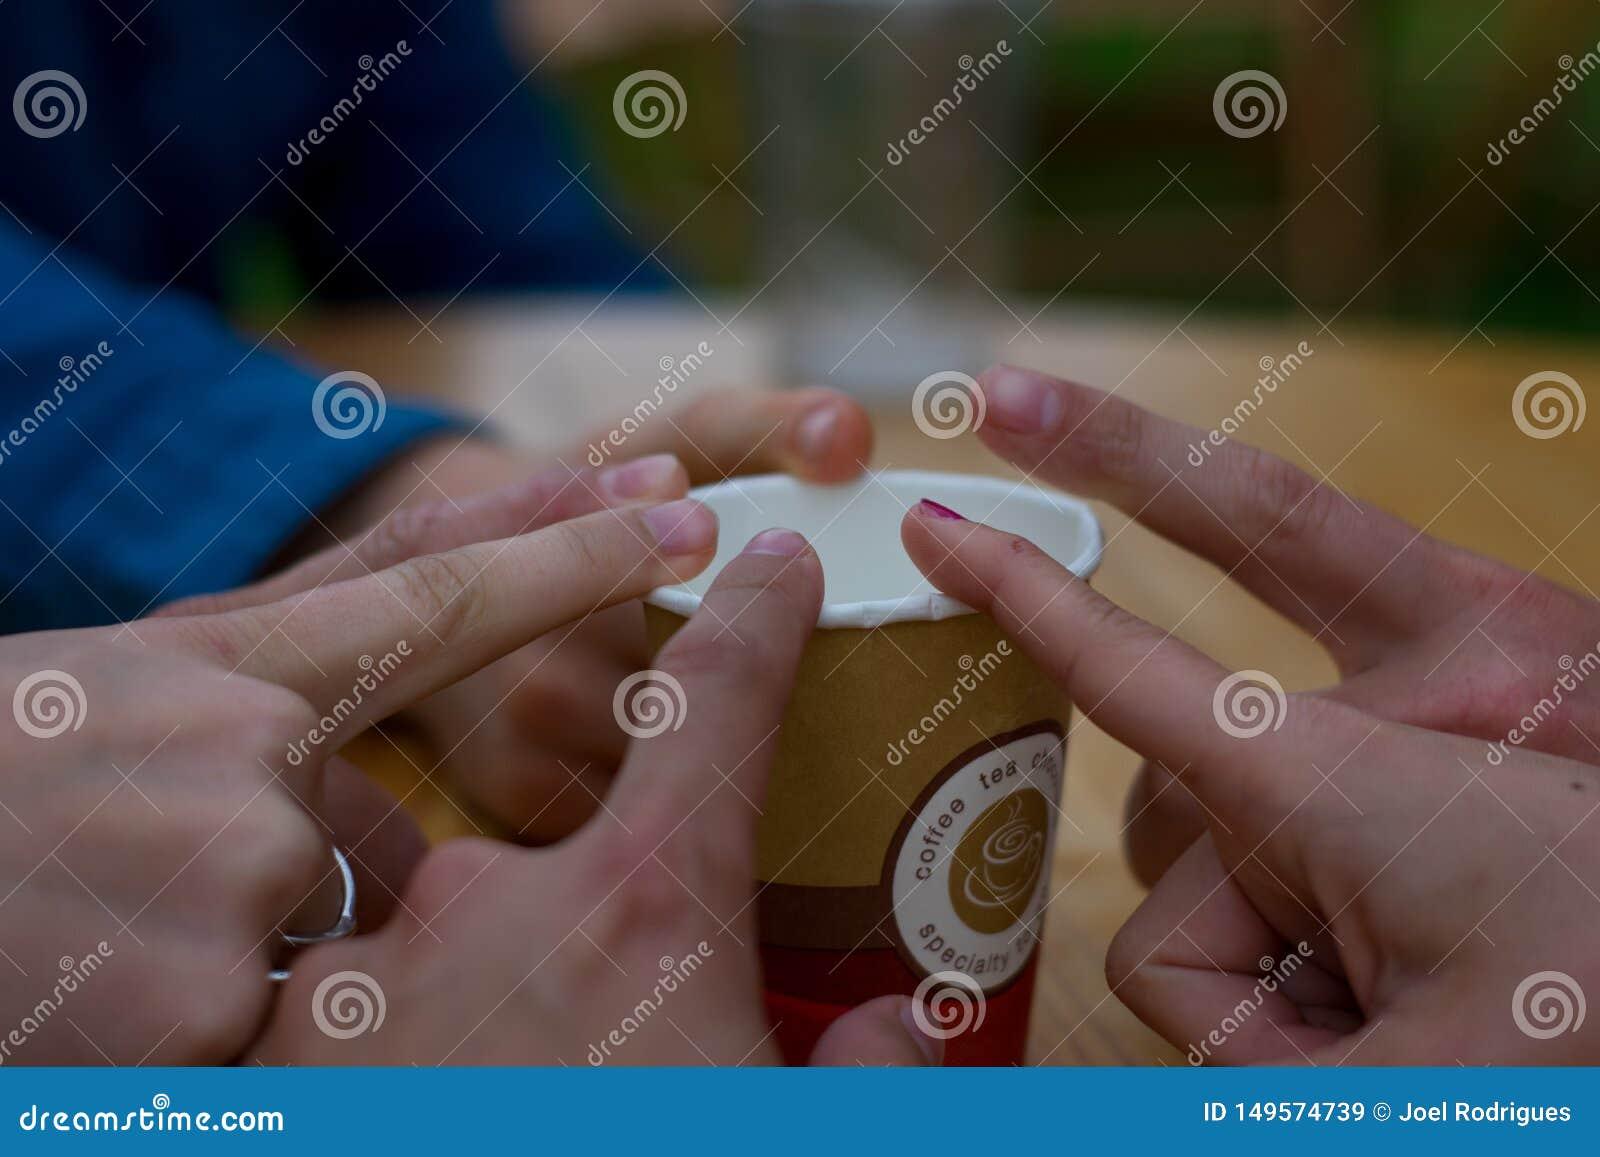 Linkebeek, Belgium - June 08 2018: Group of friends touching finger on coffee cup